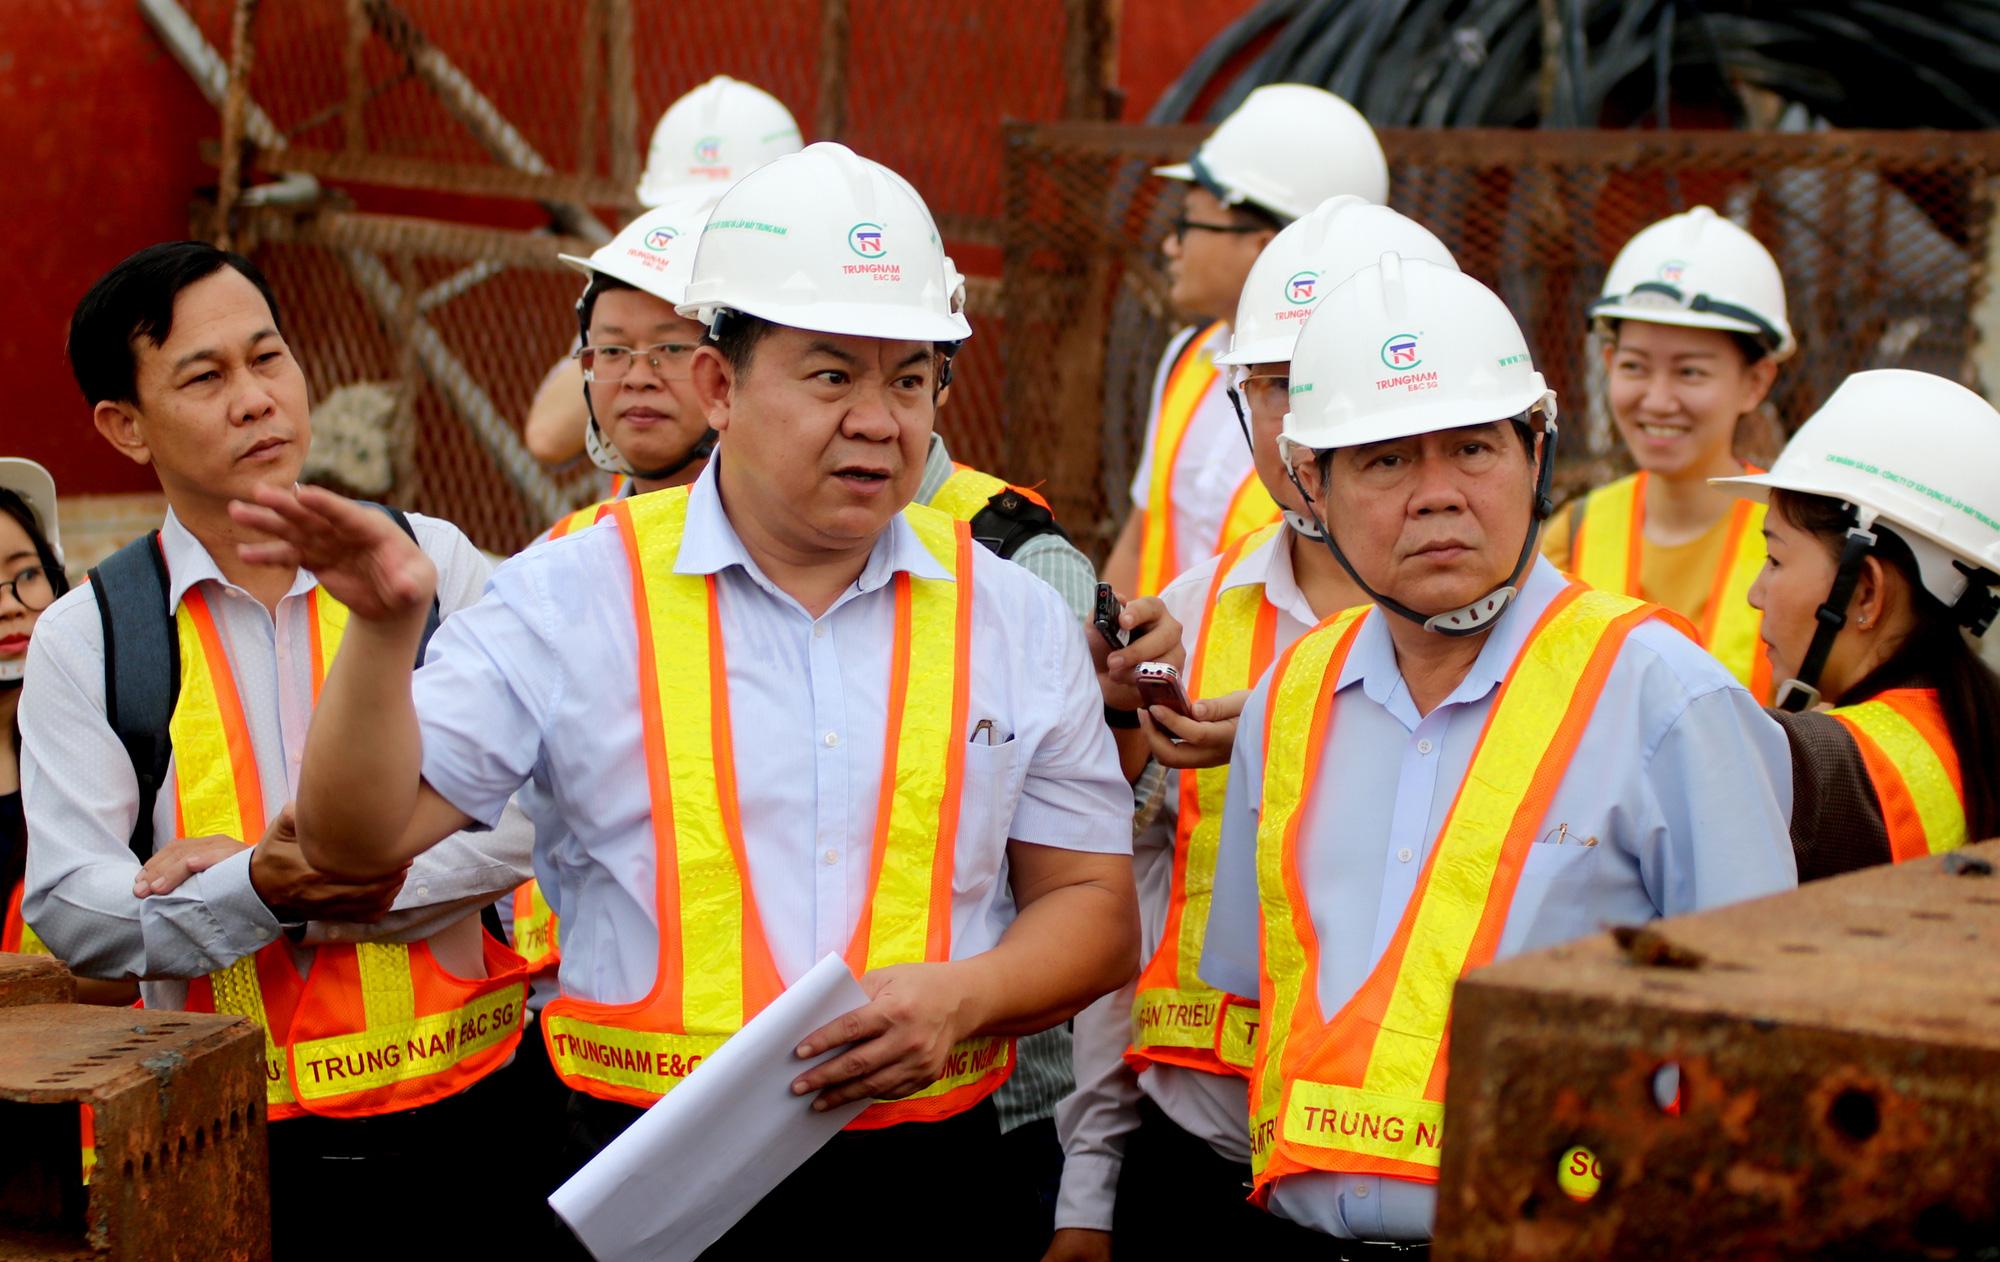 Chủ tịch UBND TP HCM thị sát dự án chống ngập 10.000 tỉ đồng - Ảnh 1.